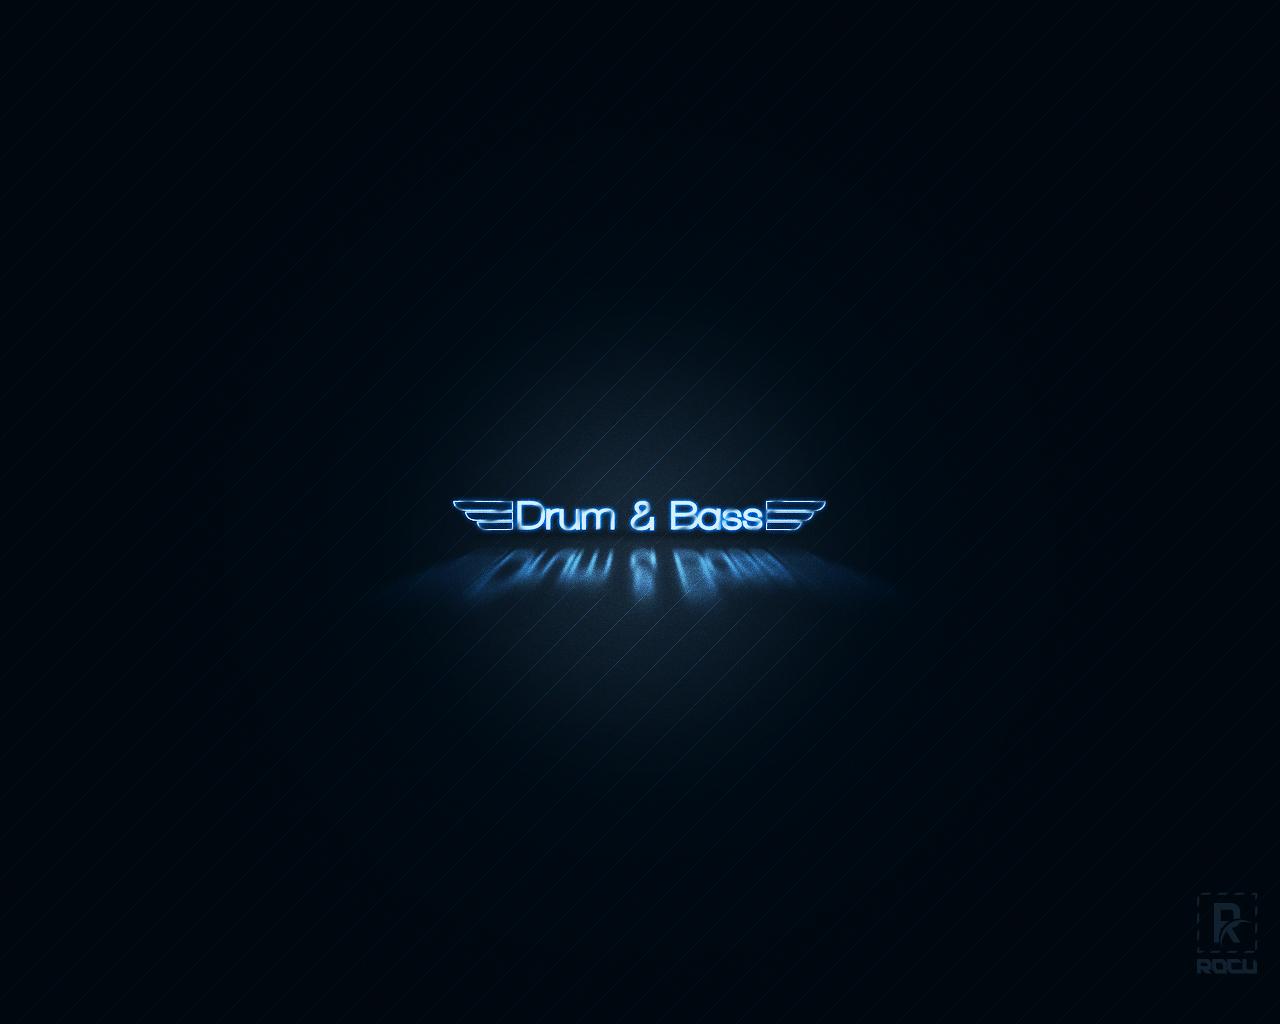 https://2.bp.blogspot.com/-zLzTP2hahpA/Ttcn0TOaZvI/AAAAAAAAANA/s_1ICmq8omA/s1600/drum_and_bass_background_by_rocu-d2zish5.jpg